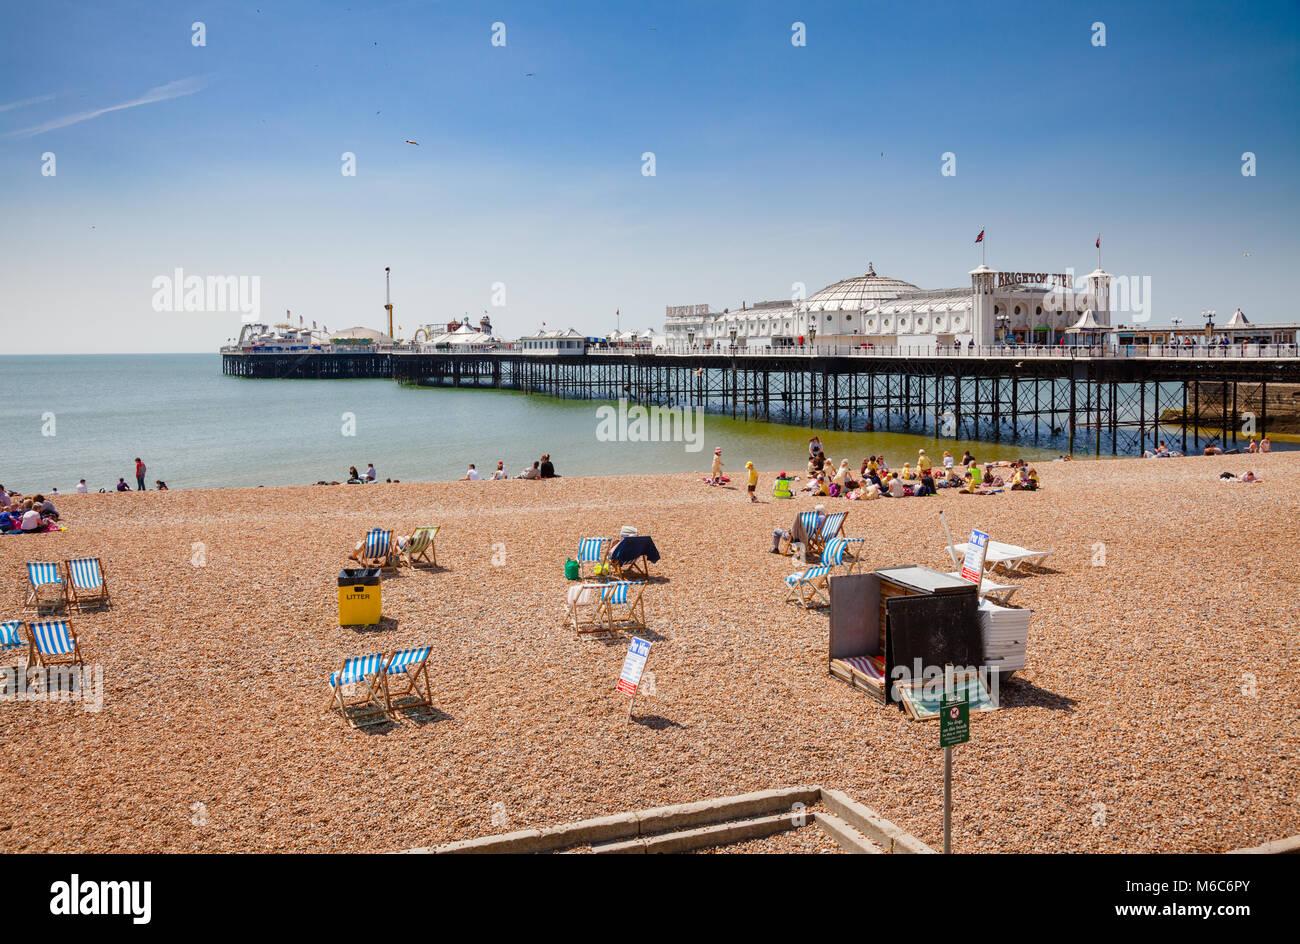 BRIGHTON, Regno Unito - 5 GIU 2013: Holidayers godendo di buona estate meteo a ciottoli vicino al palazzo di Brighton Immagini Stock